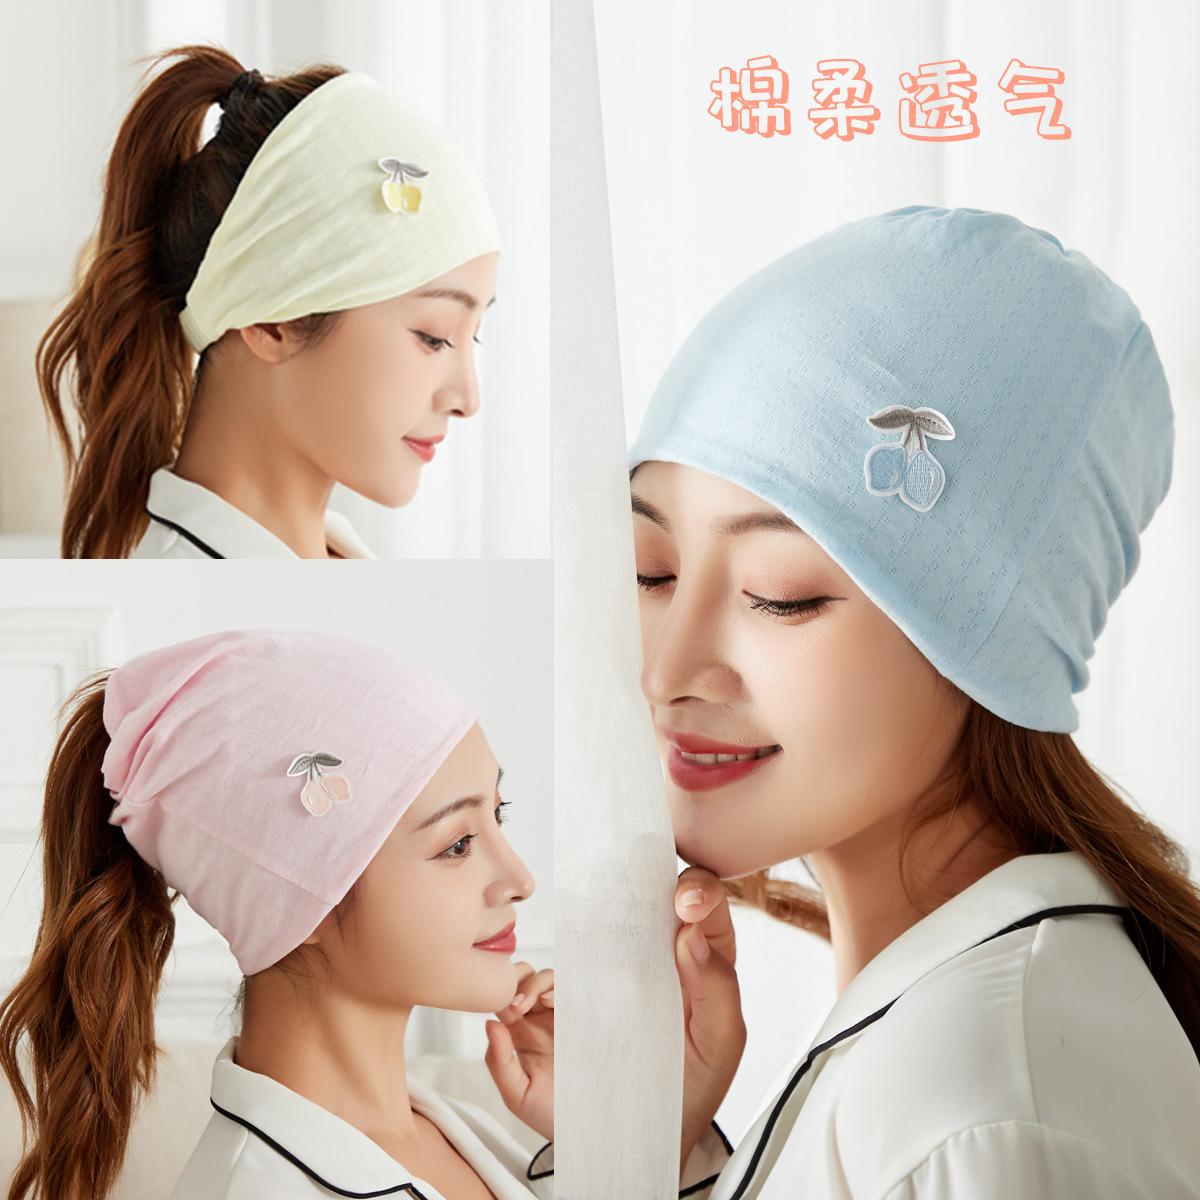 月子帽子夏季薄款产后孕妇帽时尚纯棉春秋款防头风产妇坐月子用品